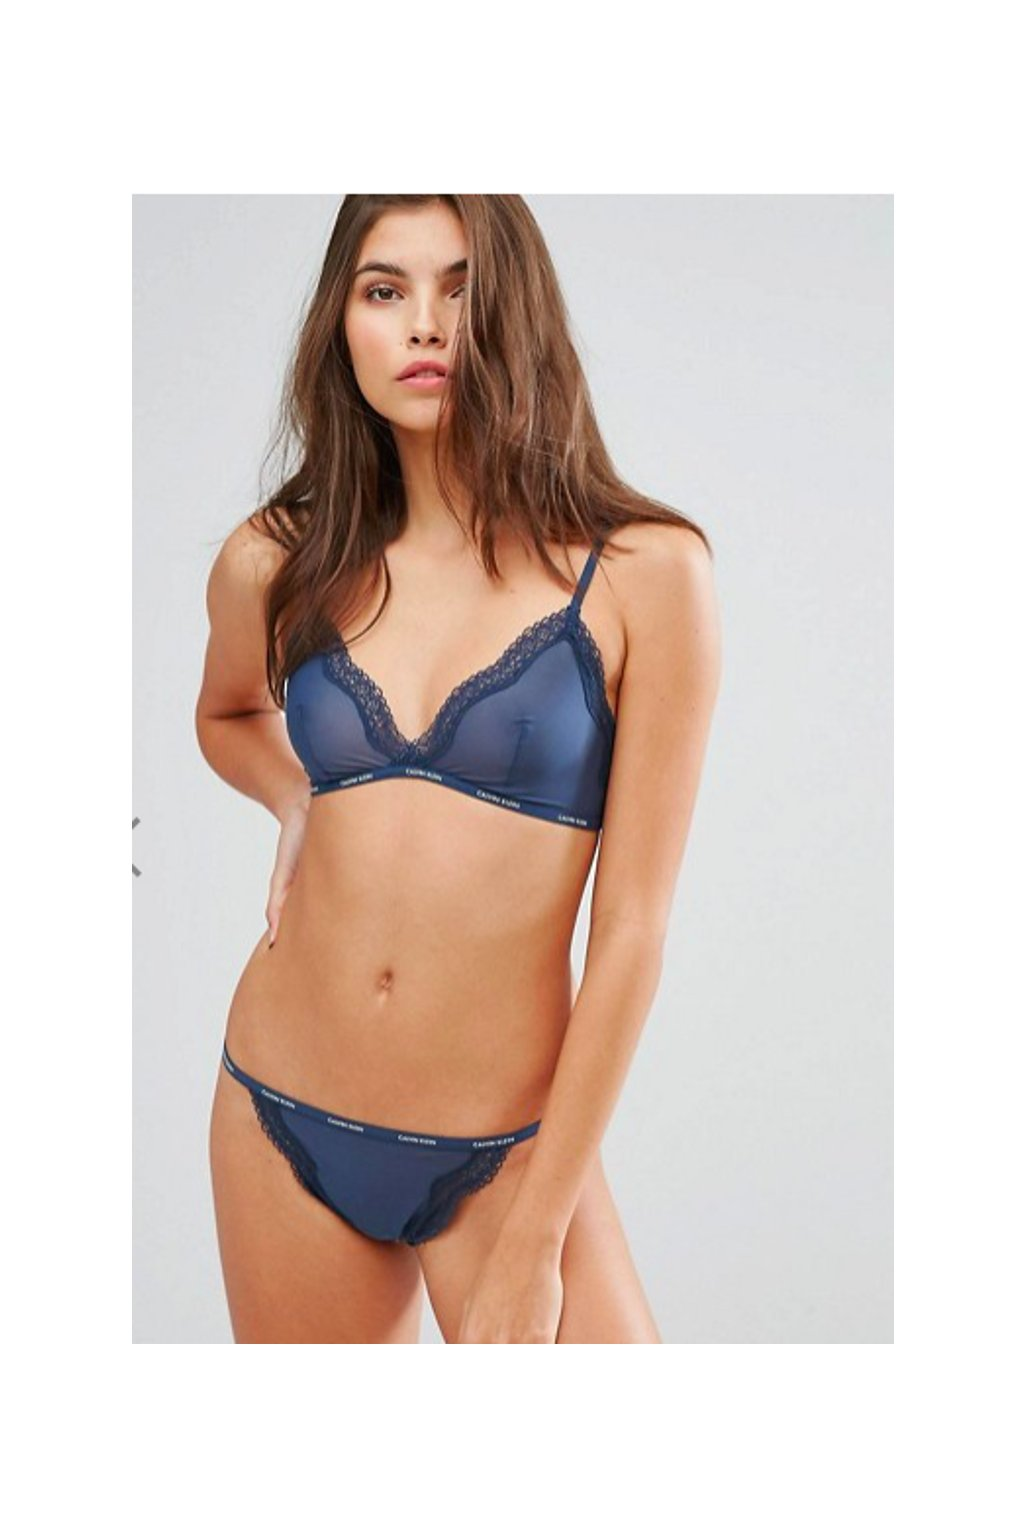 Calvin Klein Sheer Marquisette Triangle Podprsenka + tanga